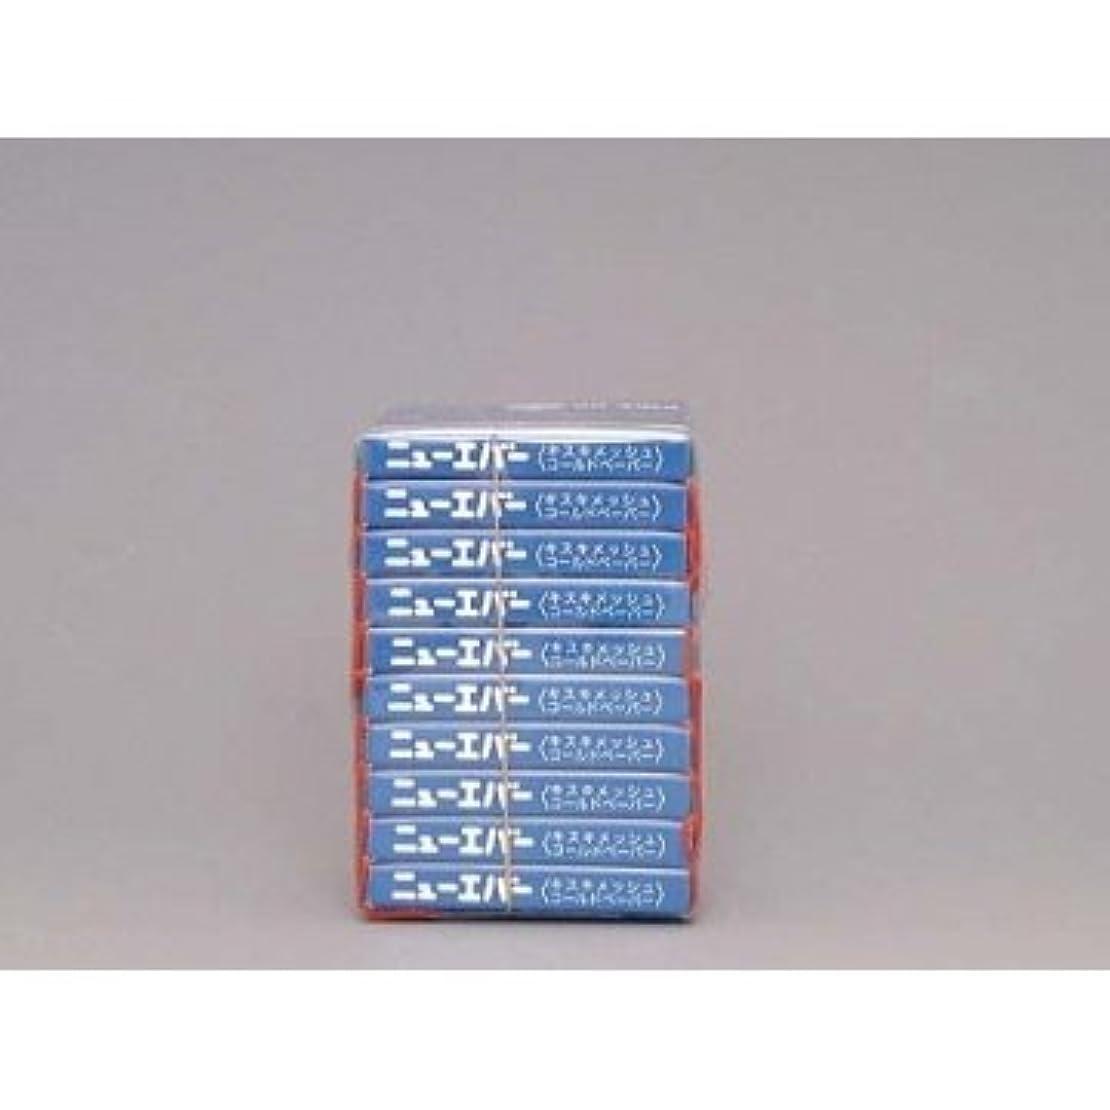 米正 ニューエバー ピックアップ ハンディタイプL キスキメッシュコールドペーパー 100枚×10ケ入 ブルー